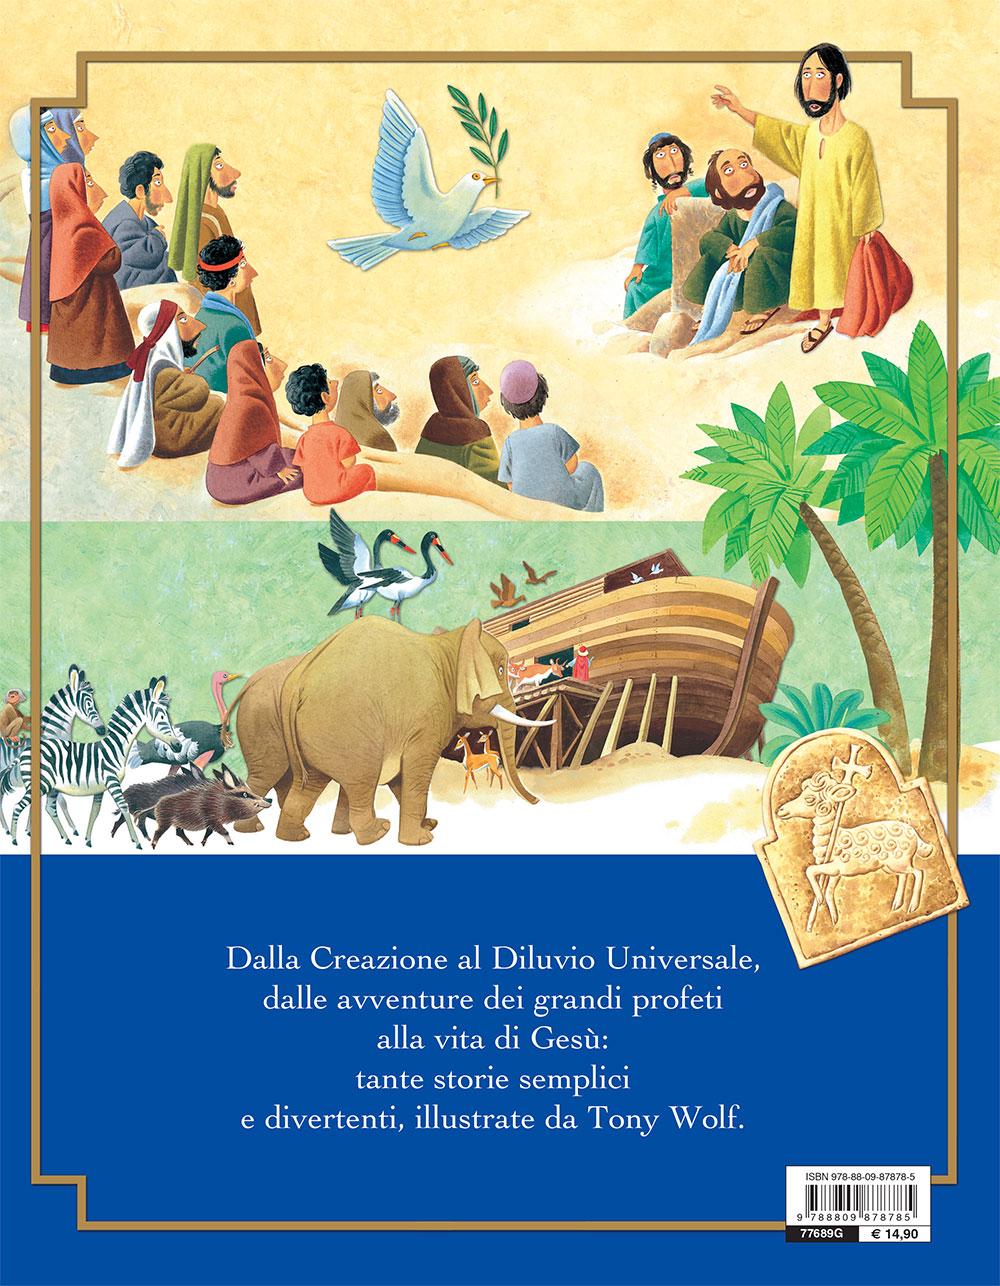 La Bibbia e la vita di Gesù raccontate ai più piccoli